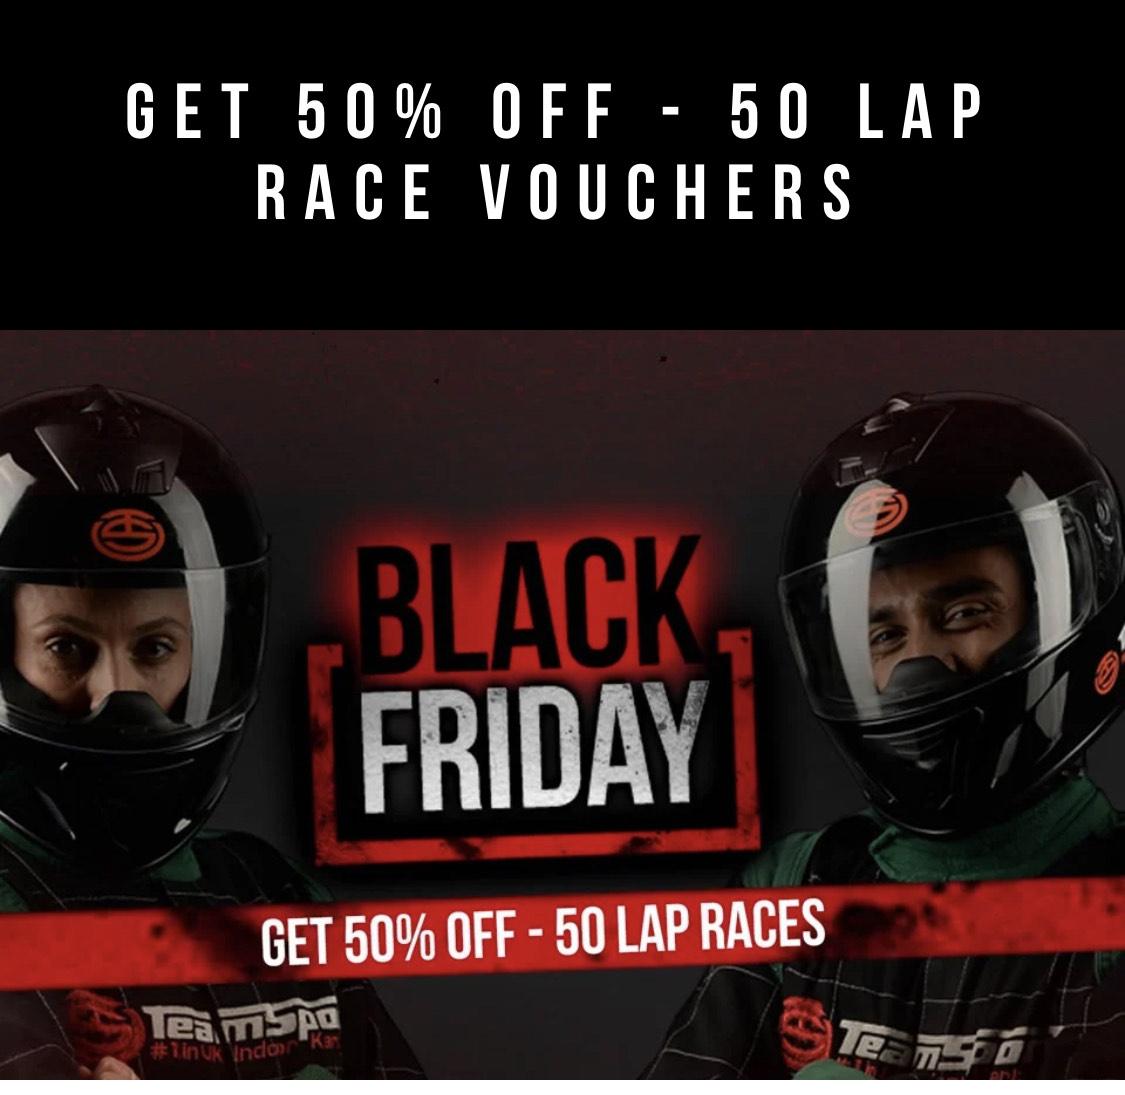 Get 50% Off - 50 Lap Race Vouchers - £25 @ Teamsport Indoor Karting